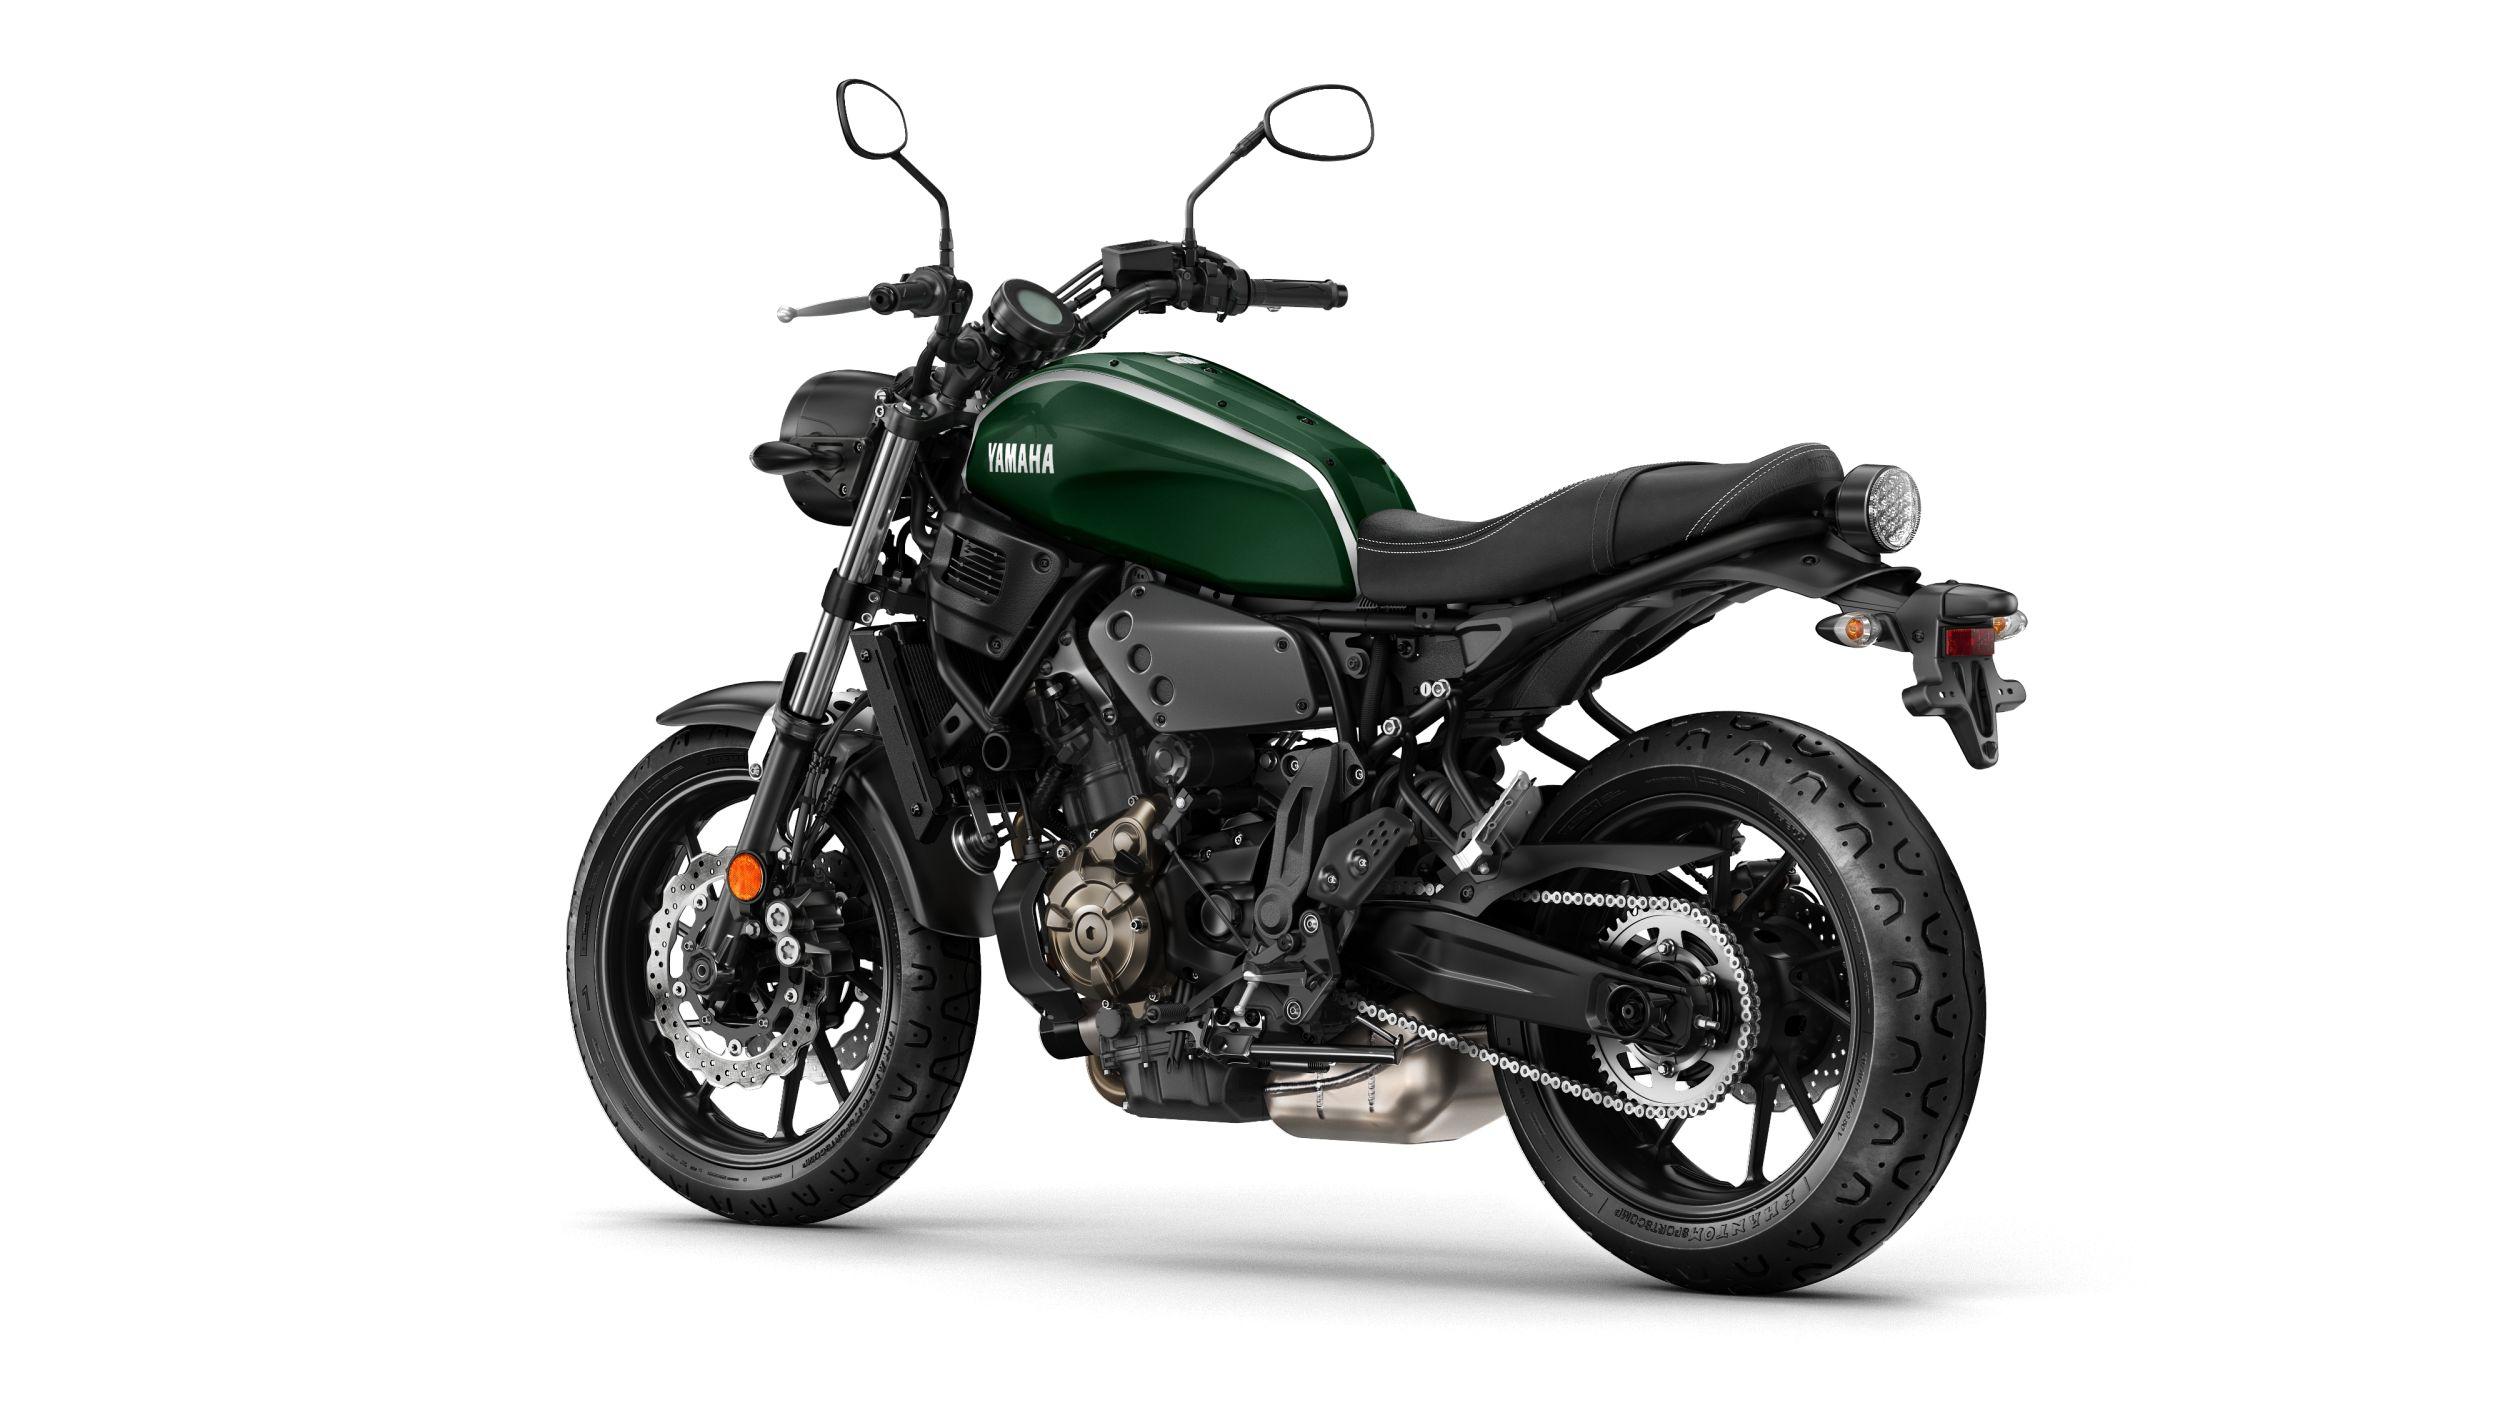 Gebrauchte Und Neue Yamaha XSR700 Motorrader Kaufen